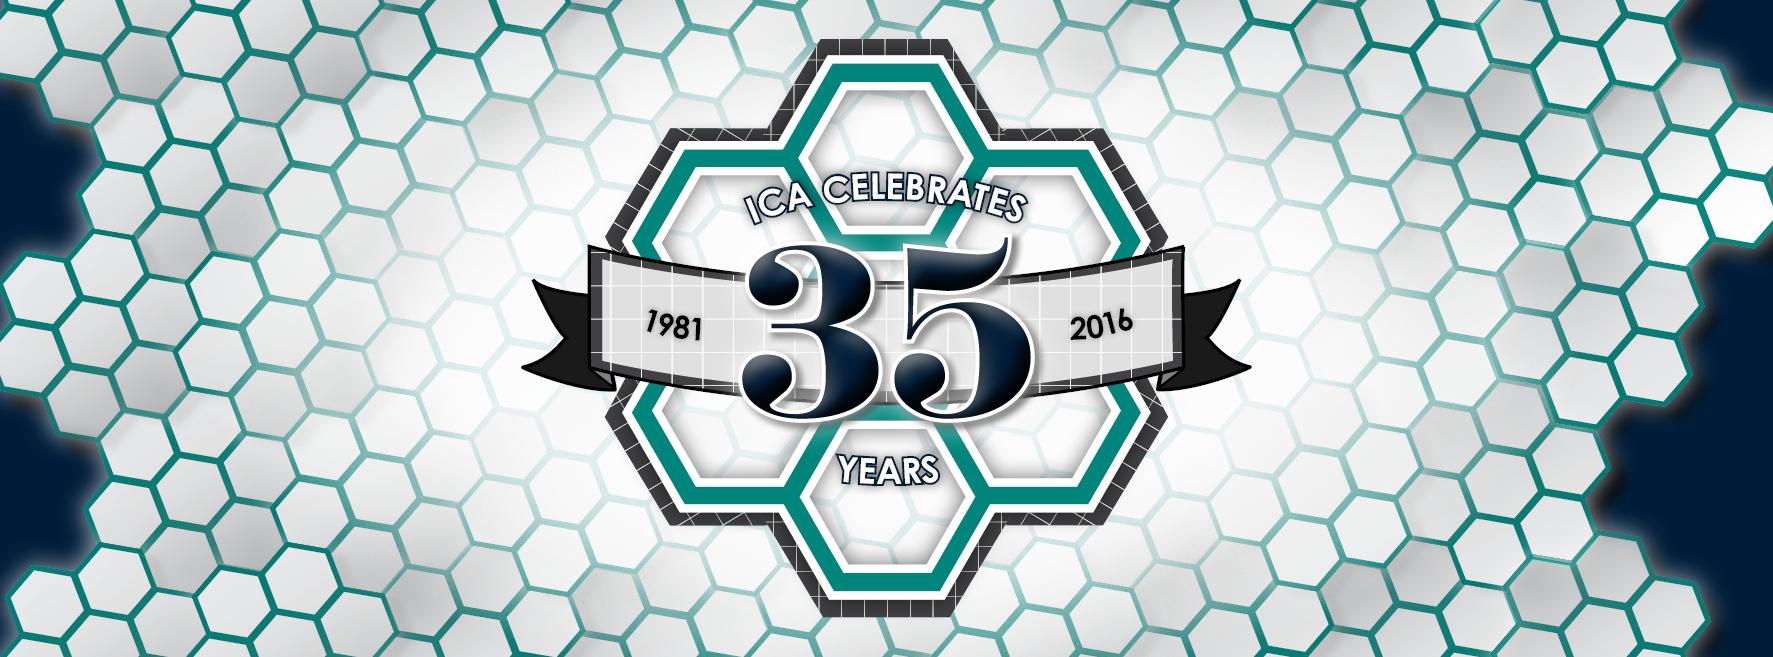 ICA celebrates 35 years